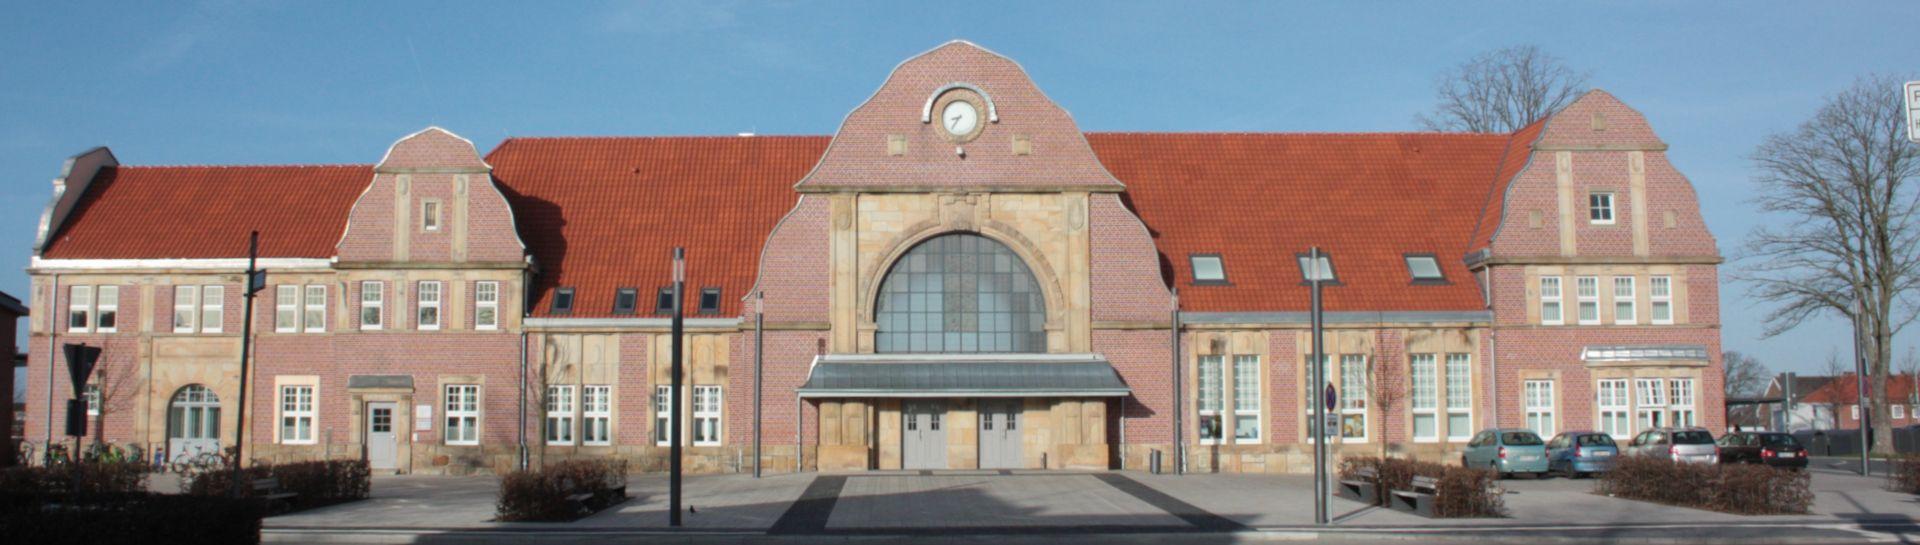 Sicht auf den Jugendstil-Bahnhof in Quakenbrueck